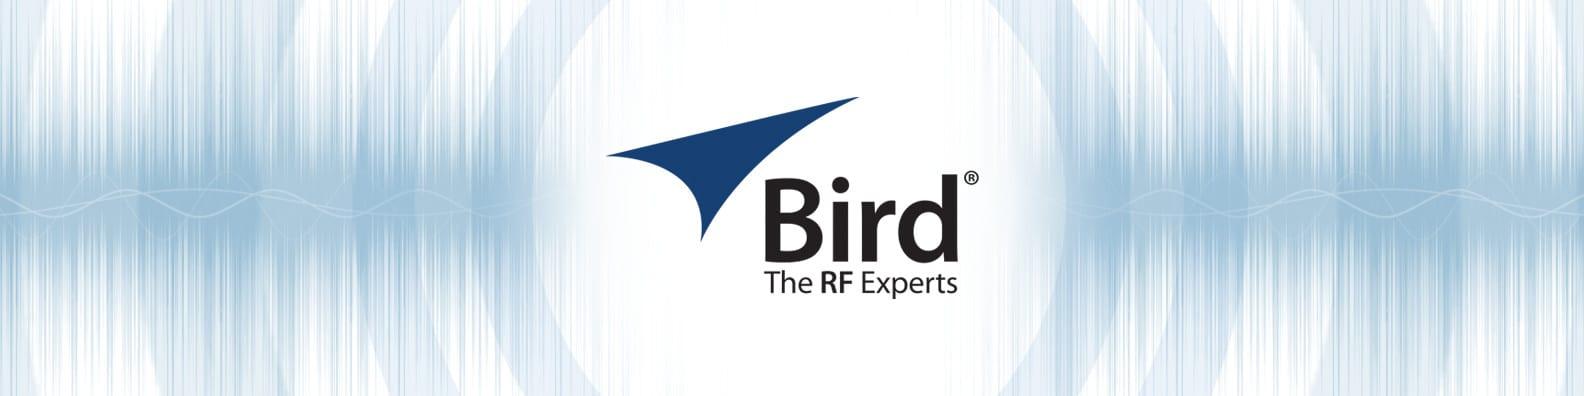 BirdTech